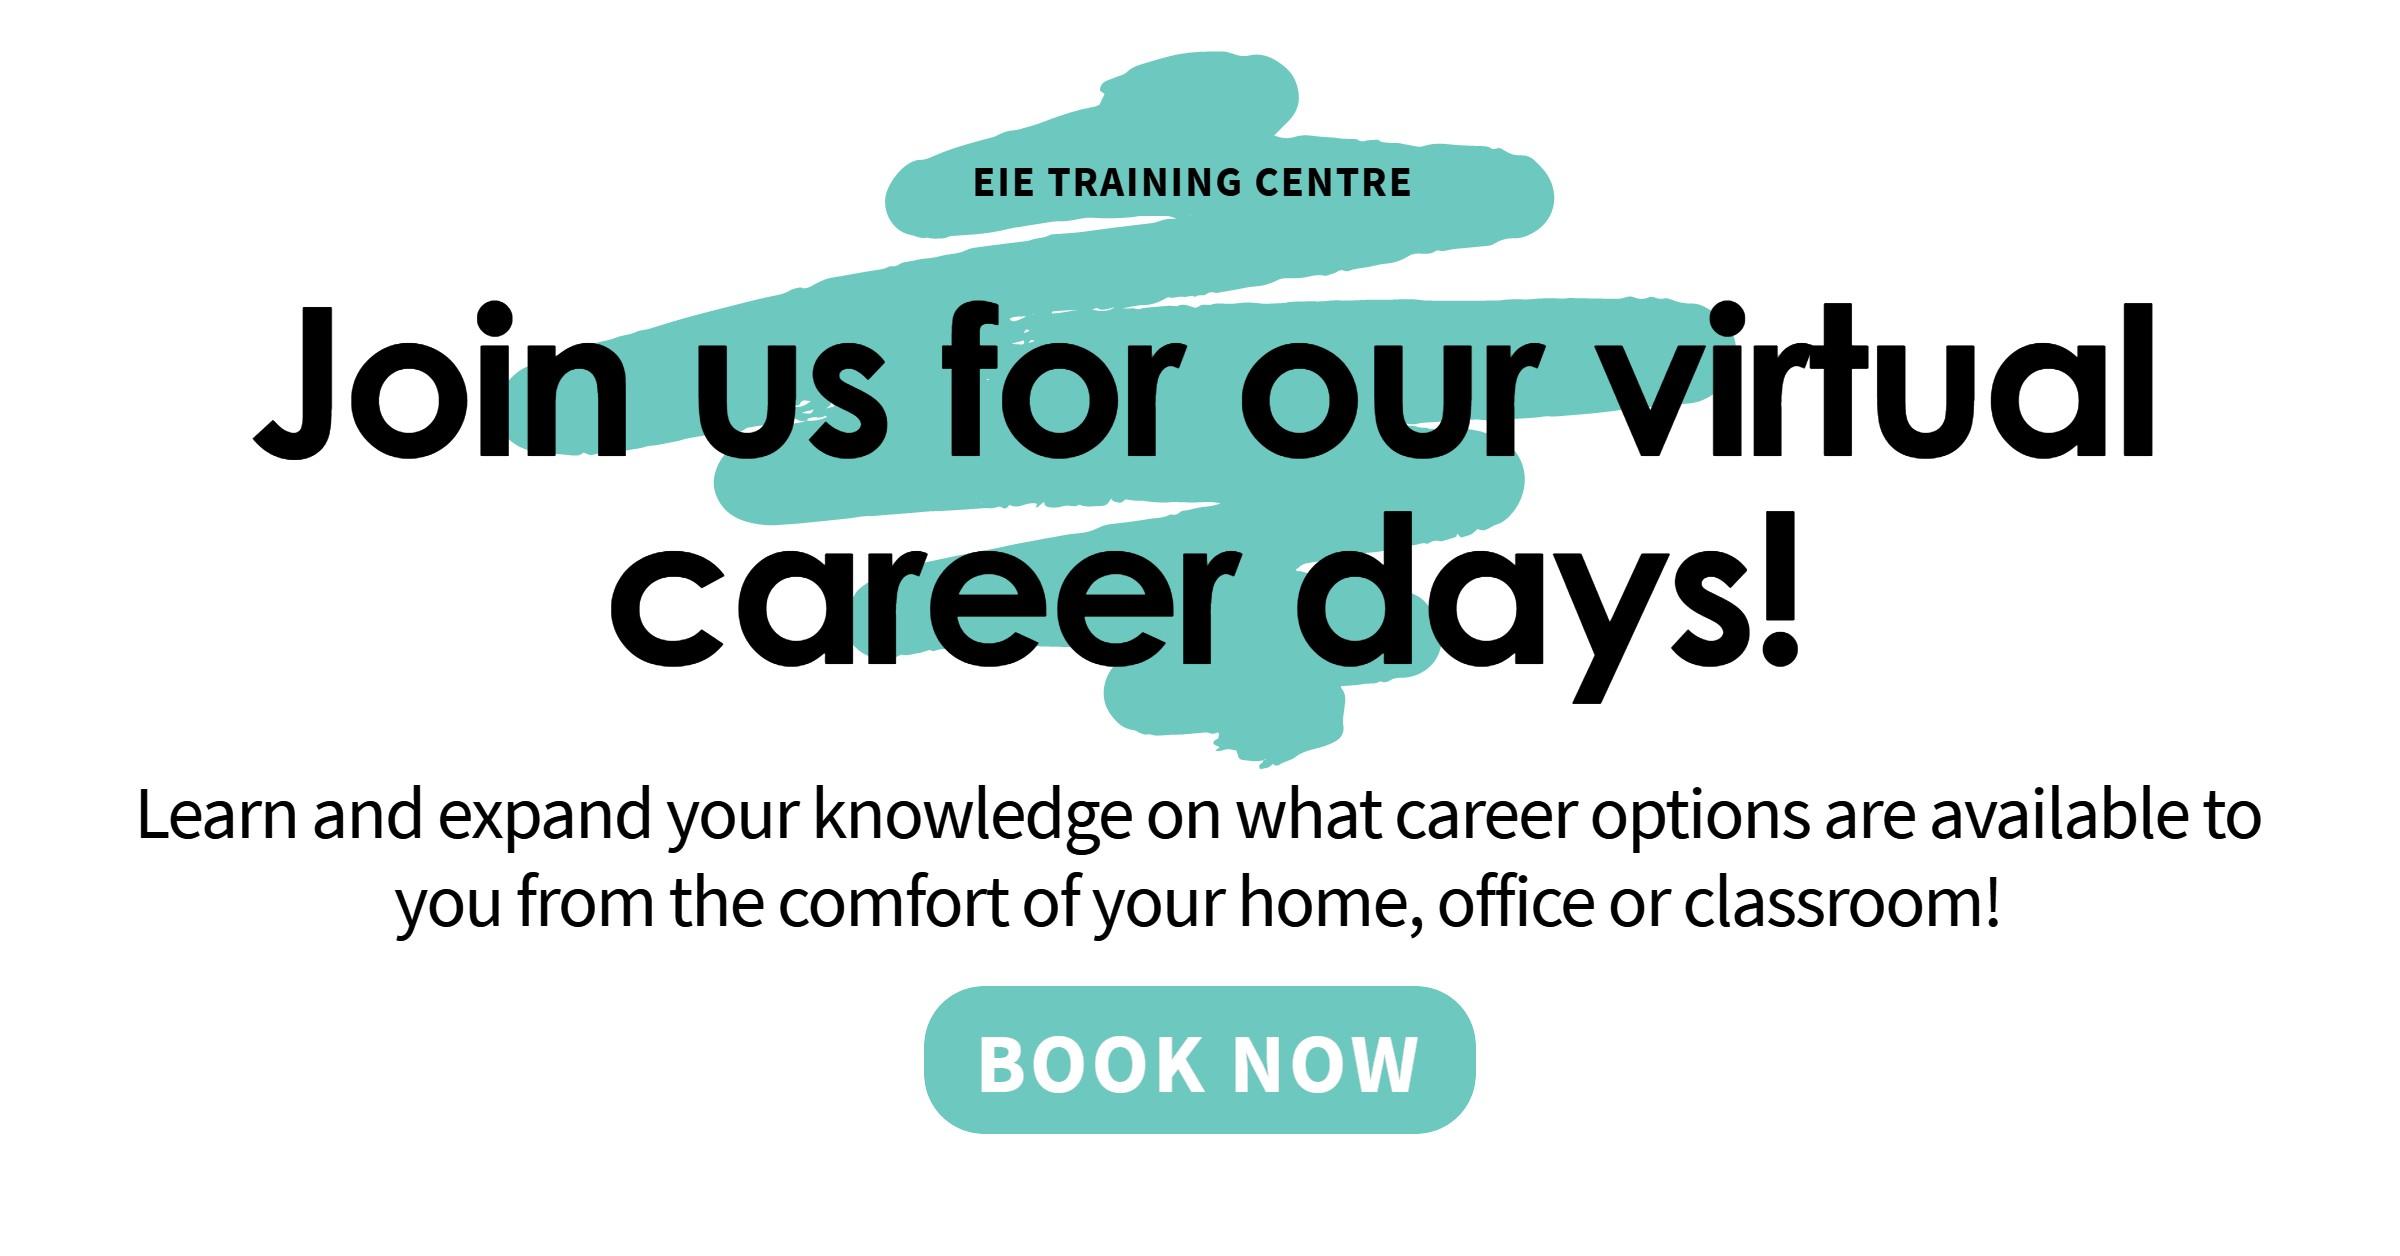 703500000002822008_zc_v54_1622743572214_virtual_career_dayss.jpg